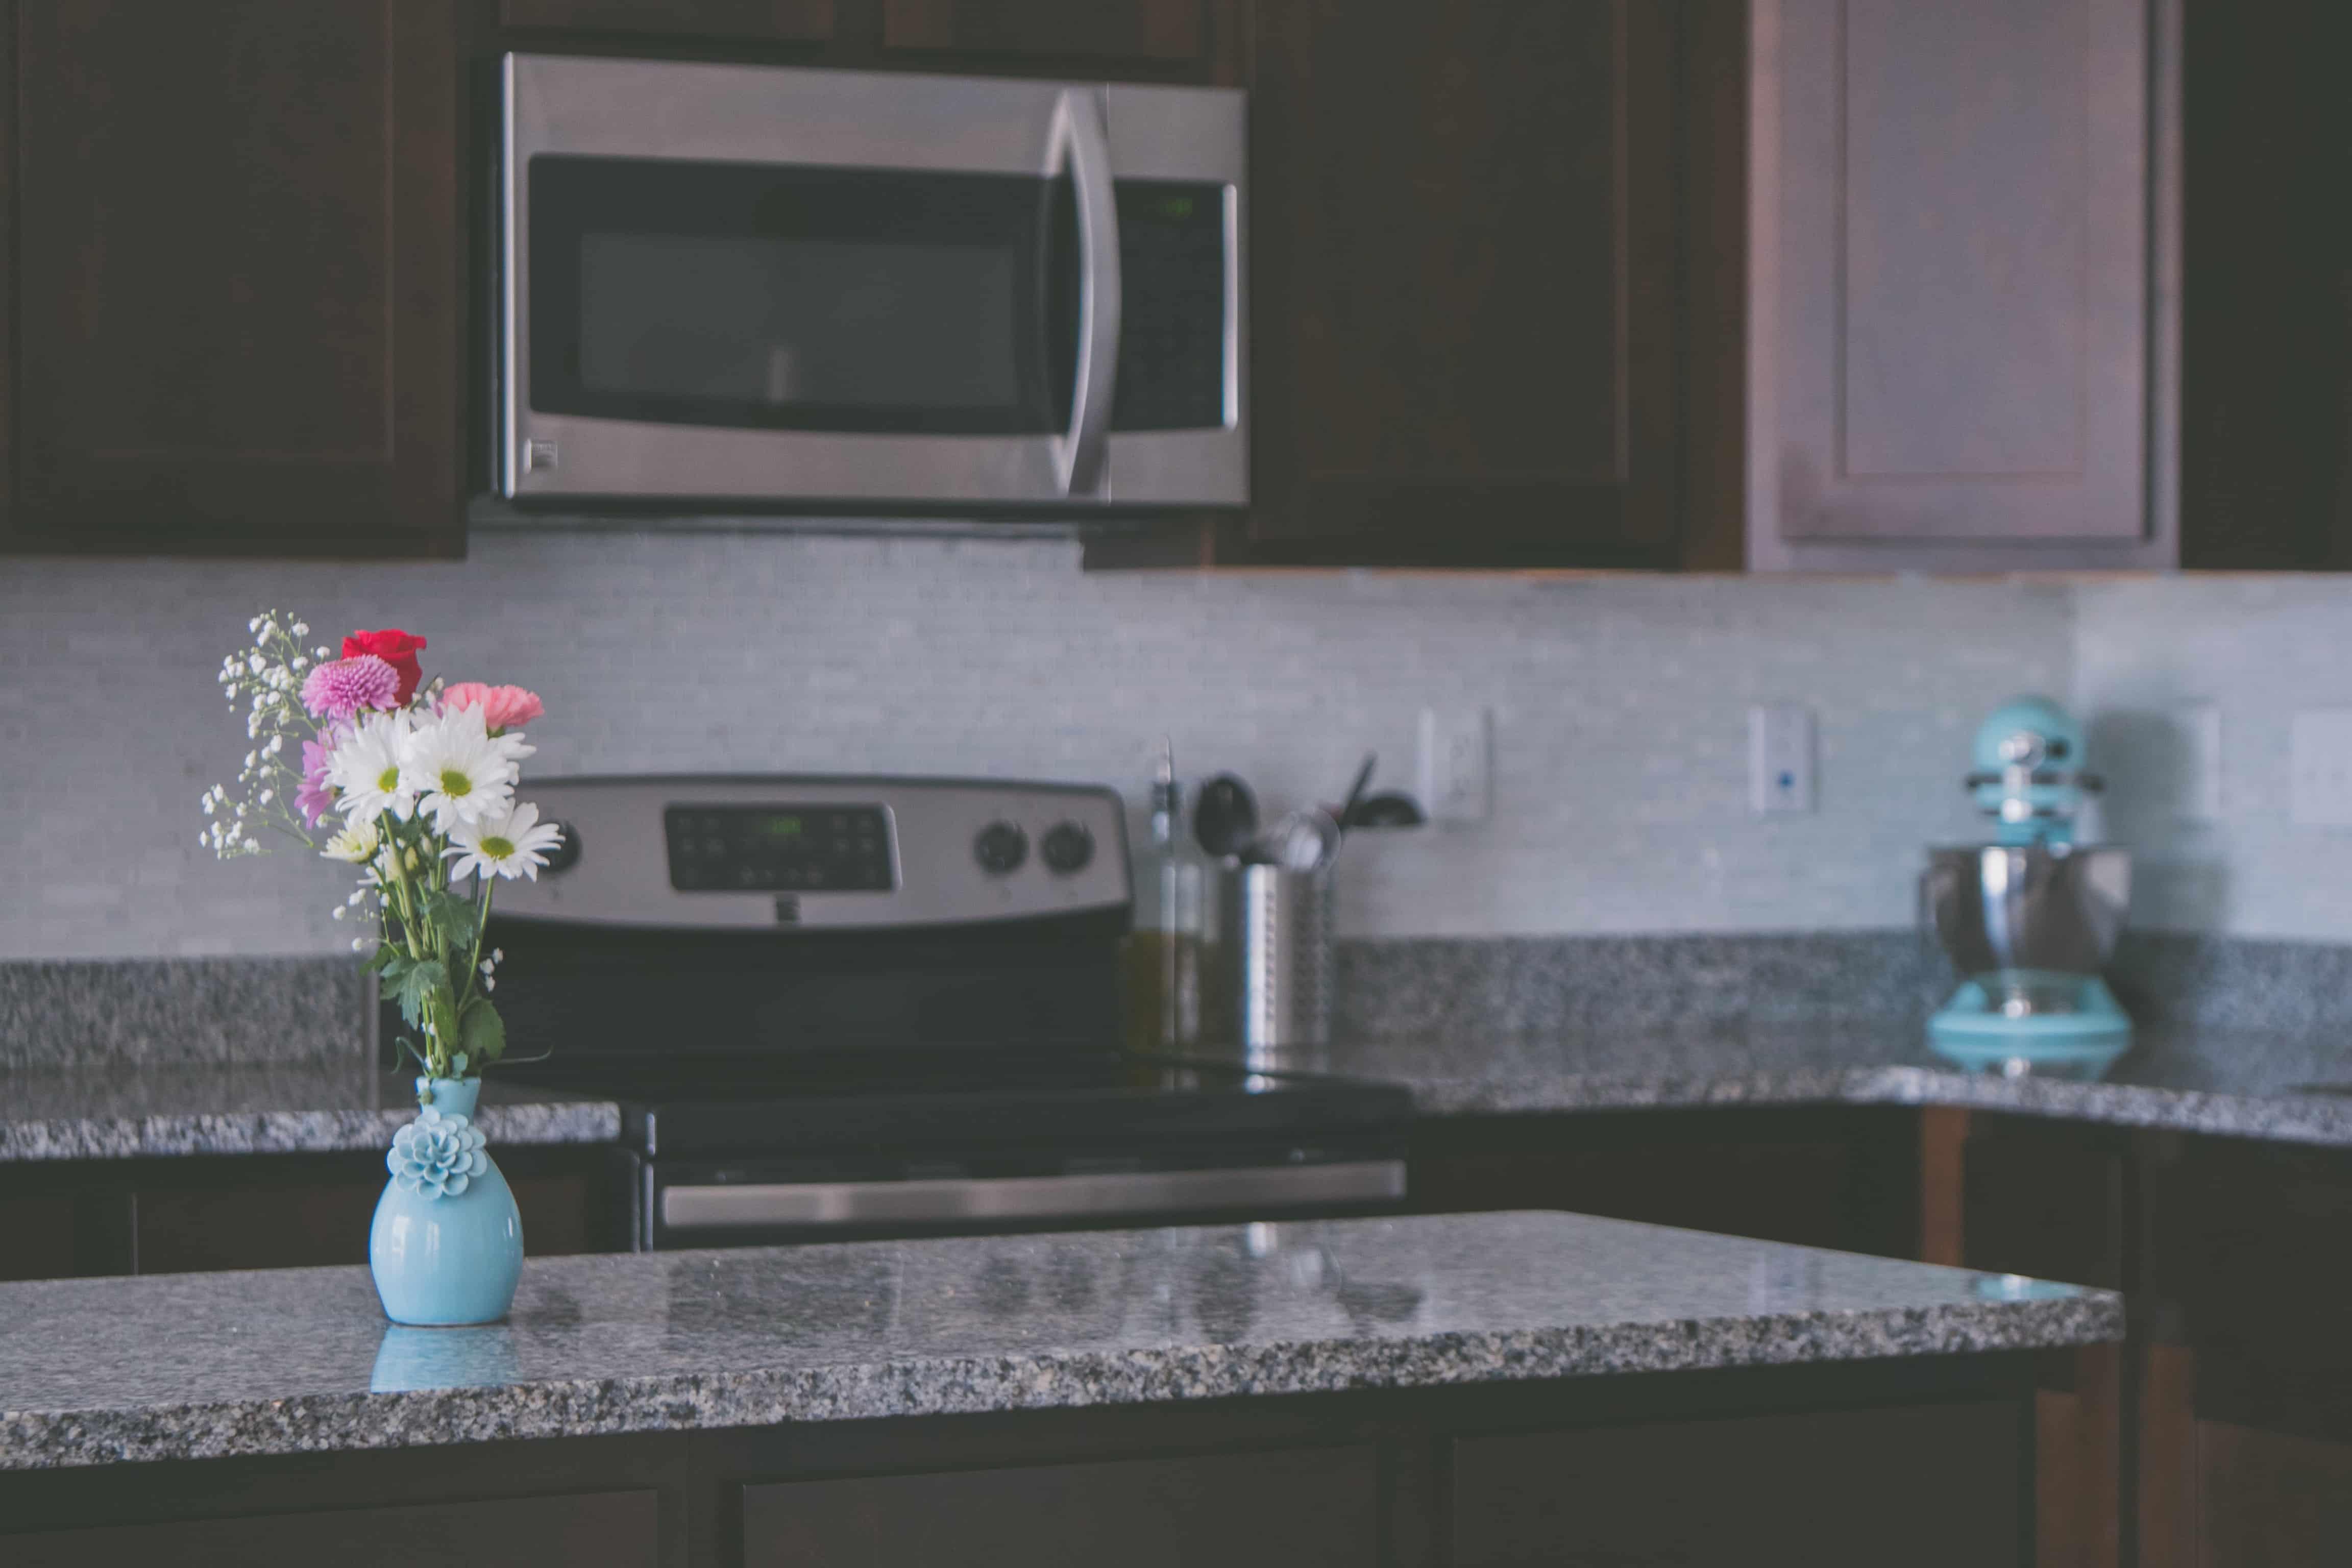 spring appliance checklist